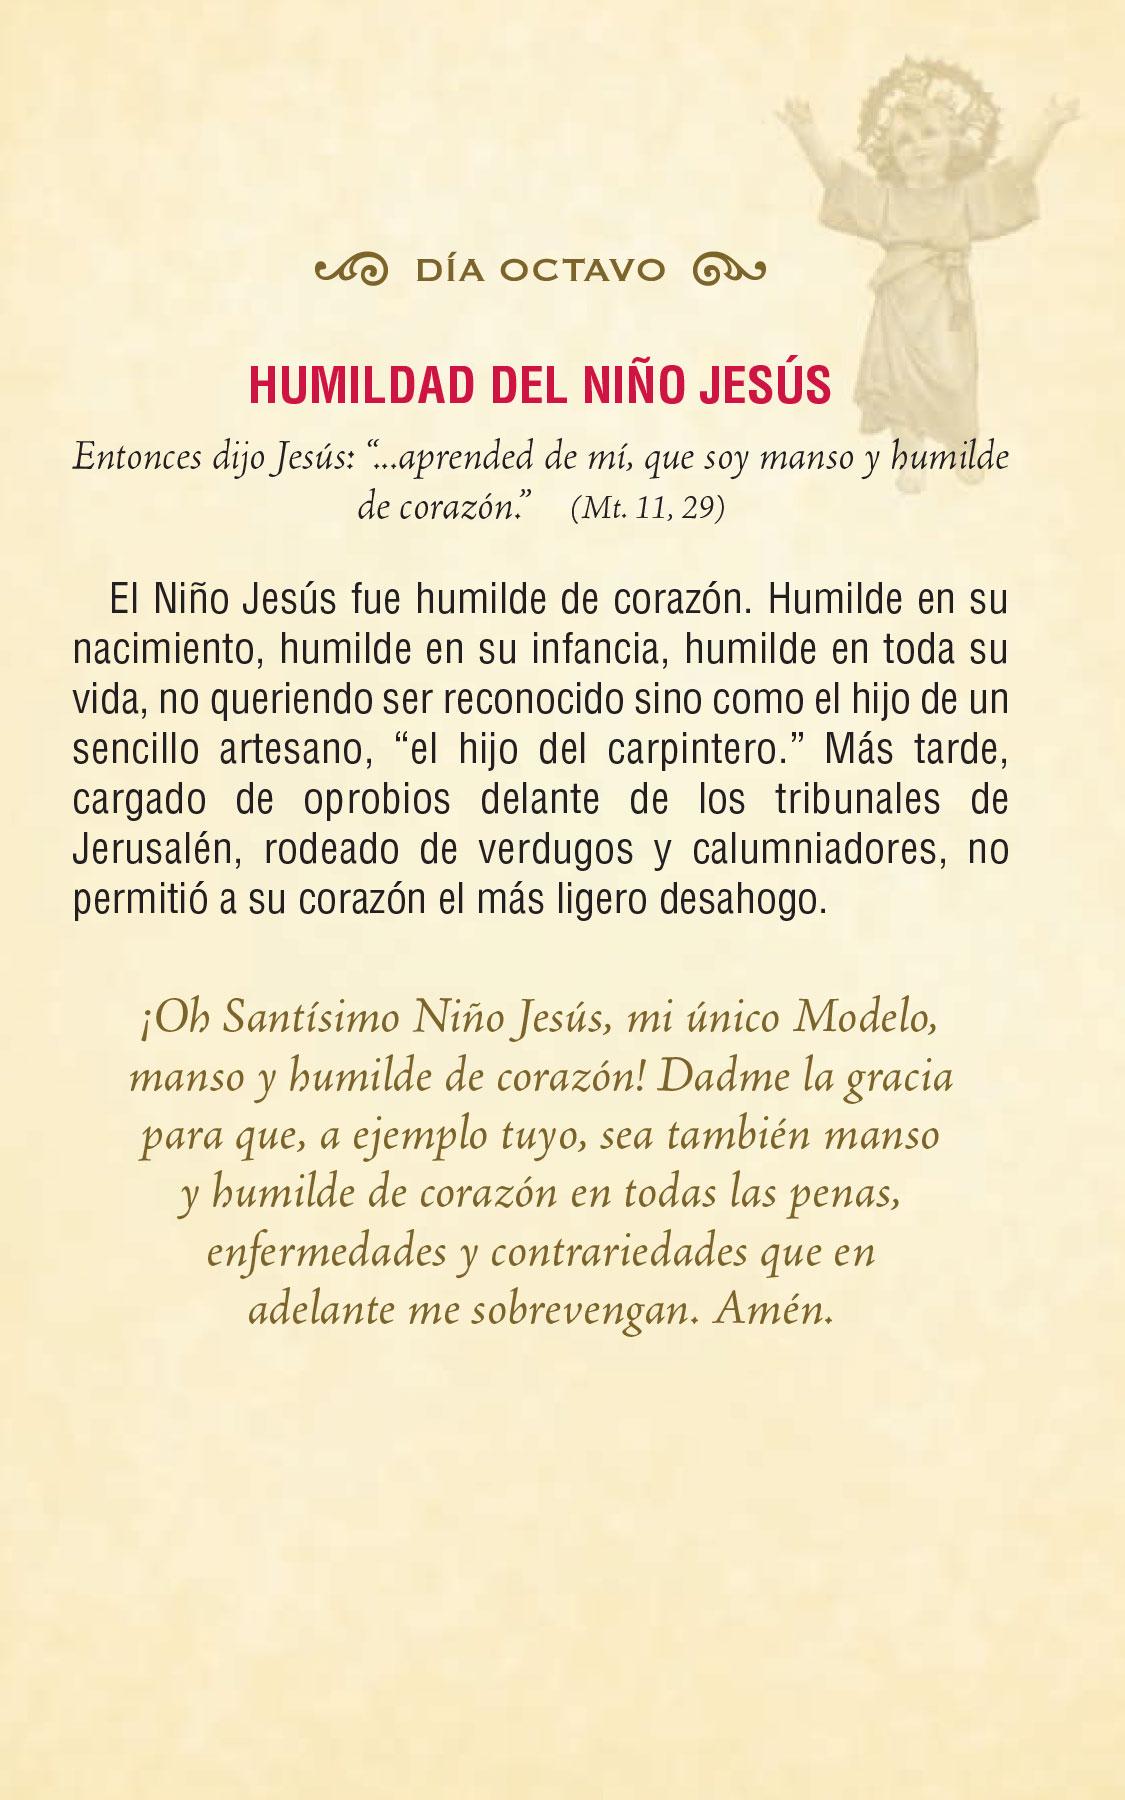 Divino Niño Jesús - día octavo